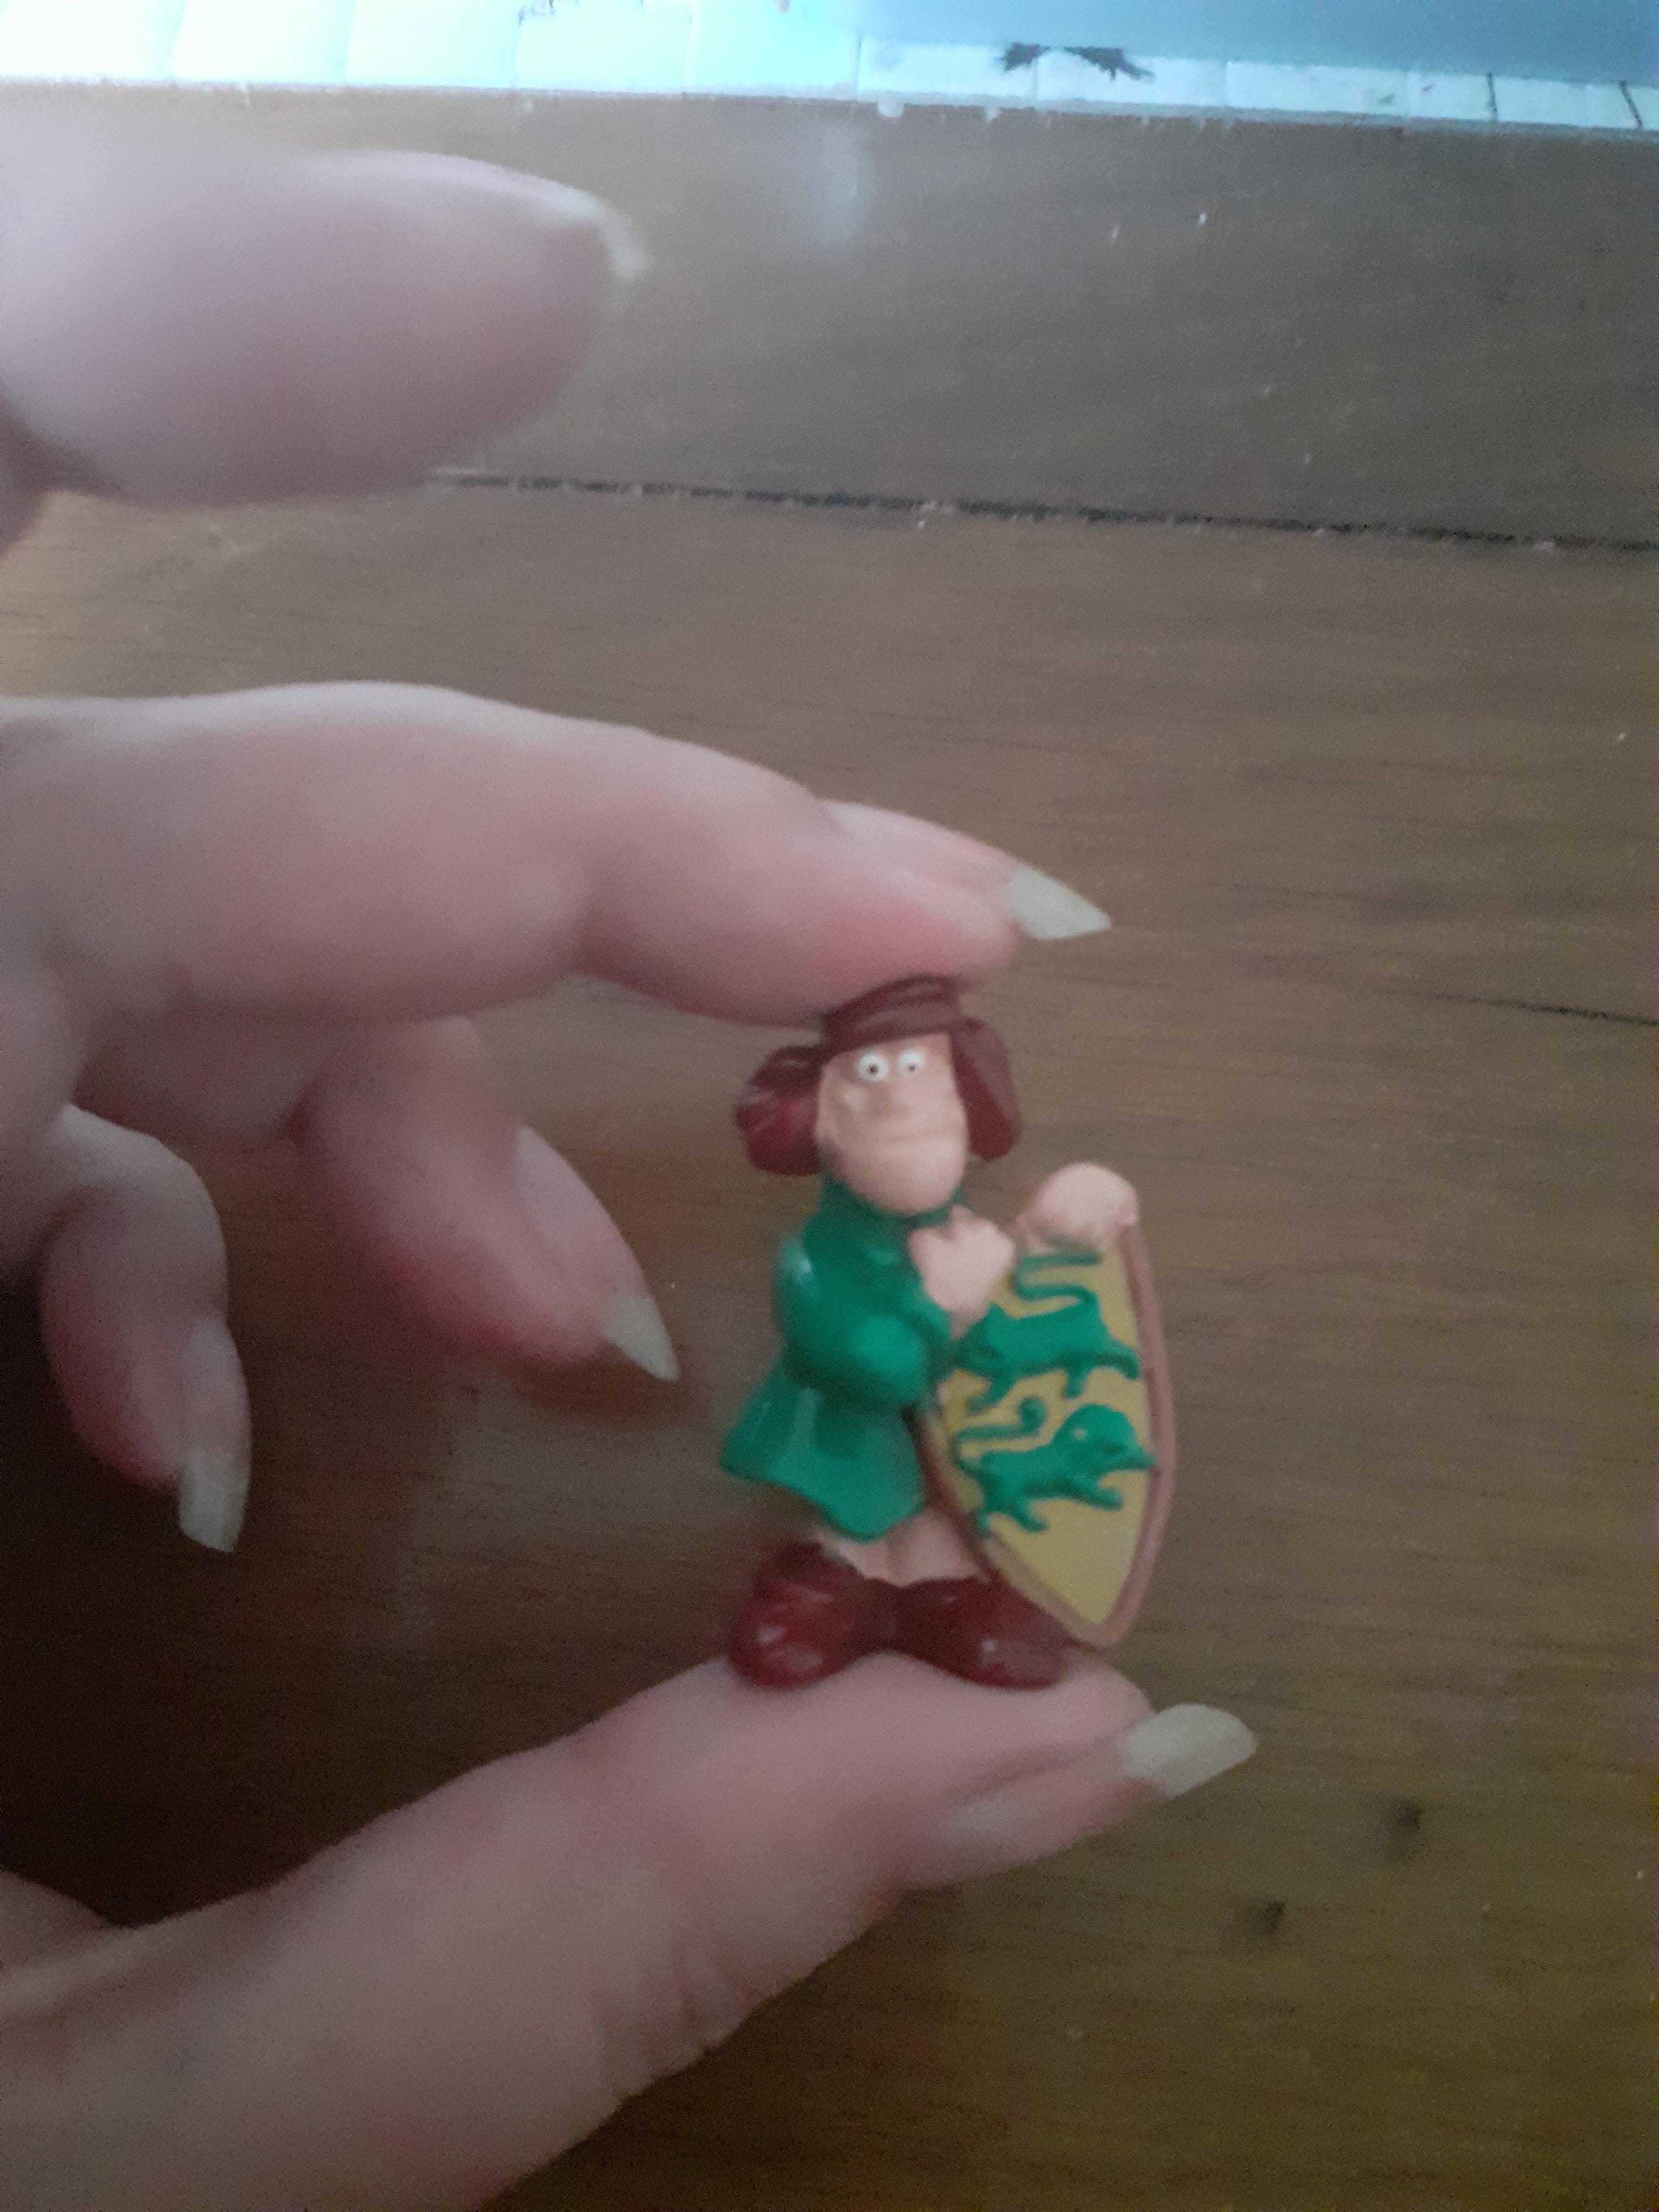 troc de troc figurine image 0